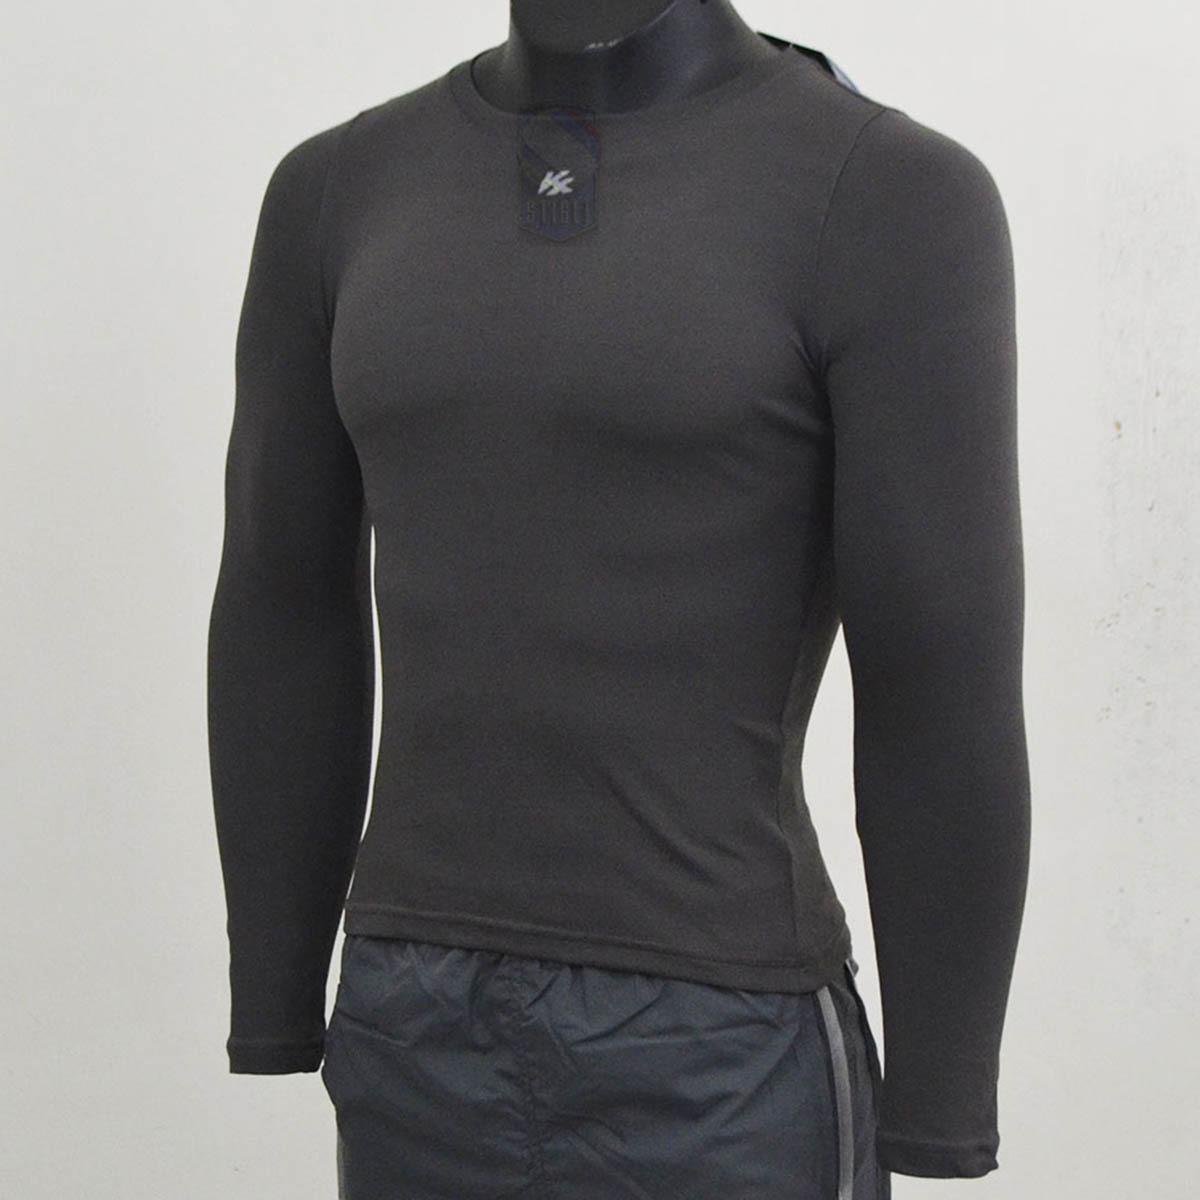 Camisa Térmica Segunda Pele Kanxa Manga Longa Poliamida C nf - R  65 ... 9a4e9028a9ef7